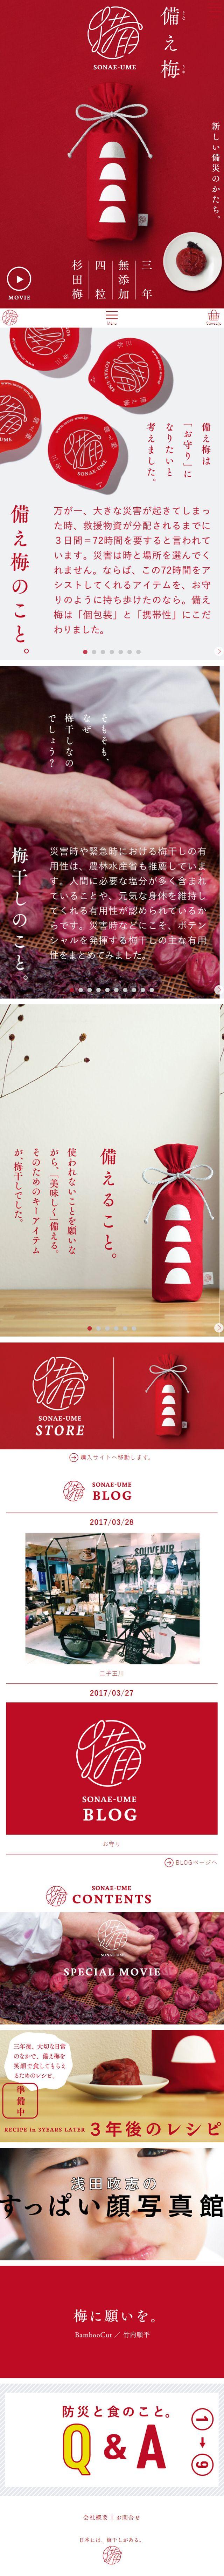 備え梅【食品関連】のLPデザイン。WEBデザイナーさん必見!スマホランディングページのデザイン参考に(シンプル系)